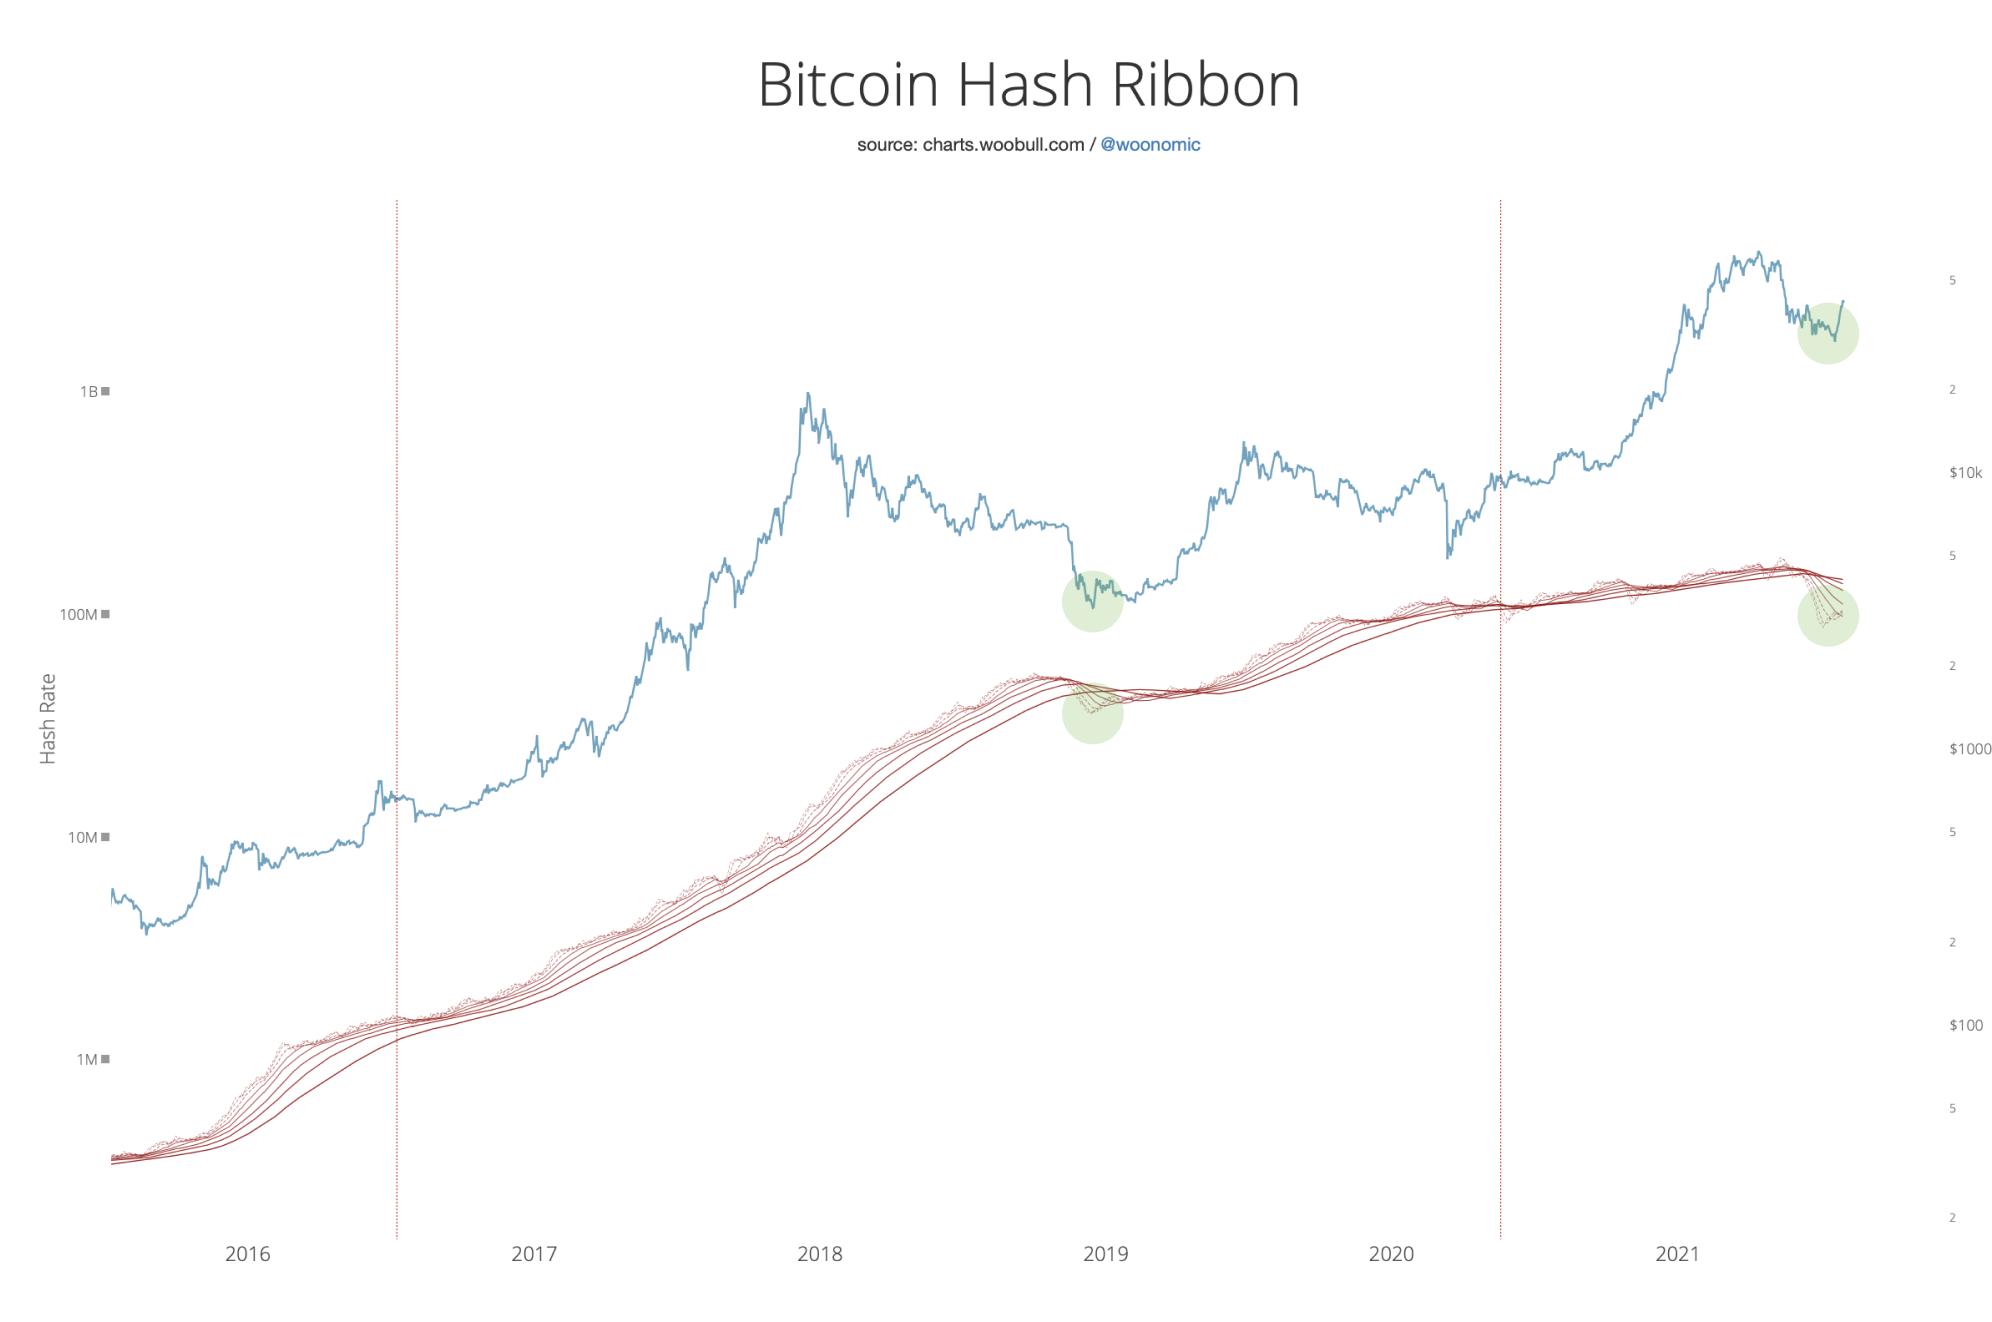 BTC Hash Şeridi ve BTC Fiyatı